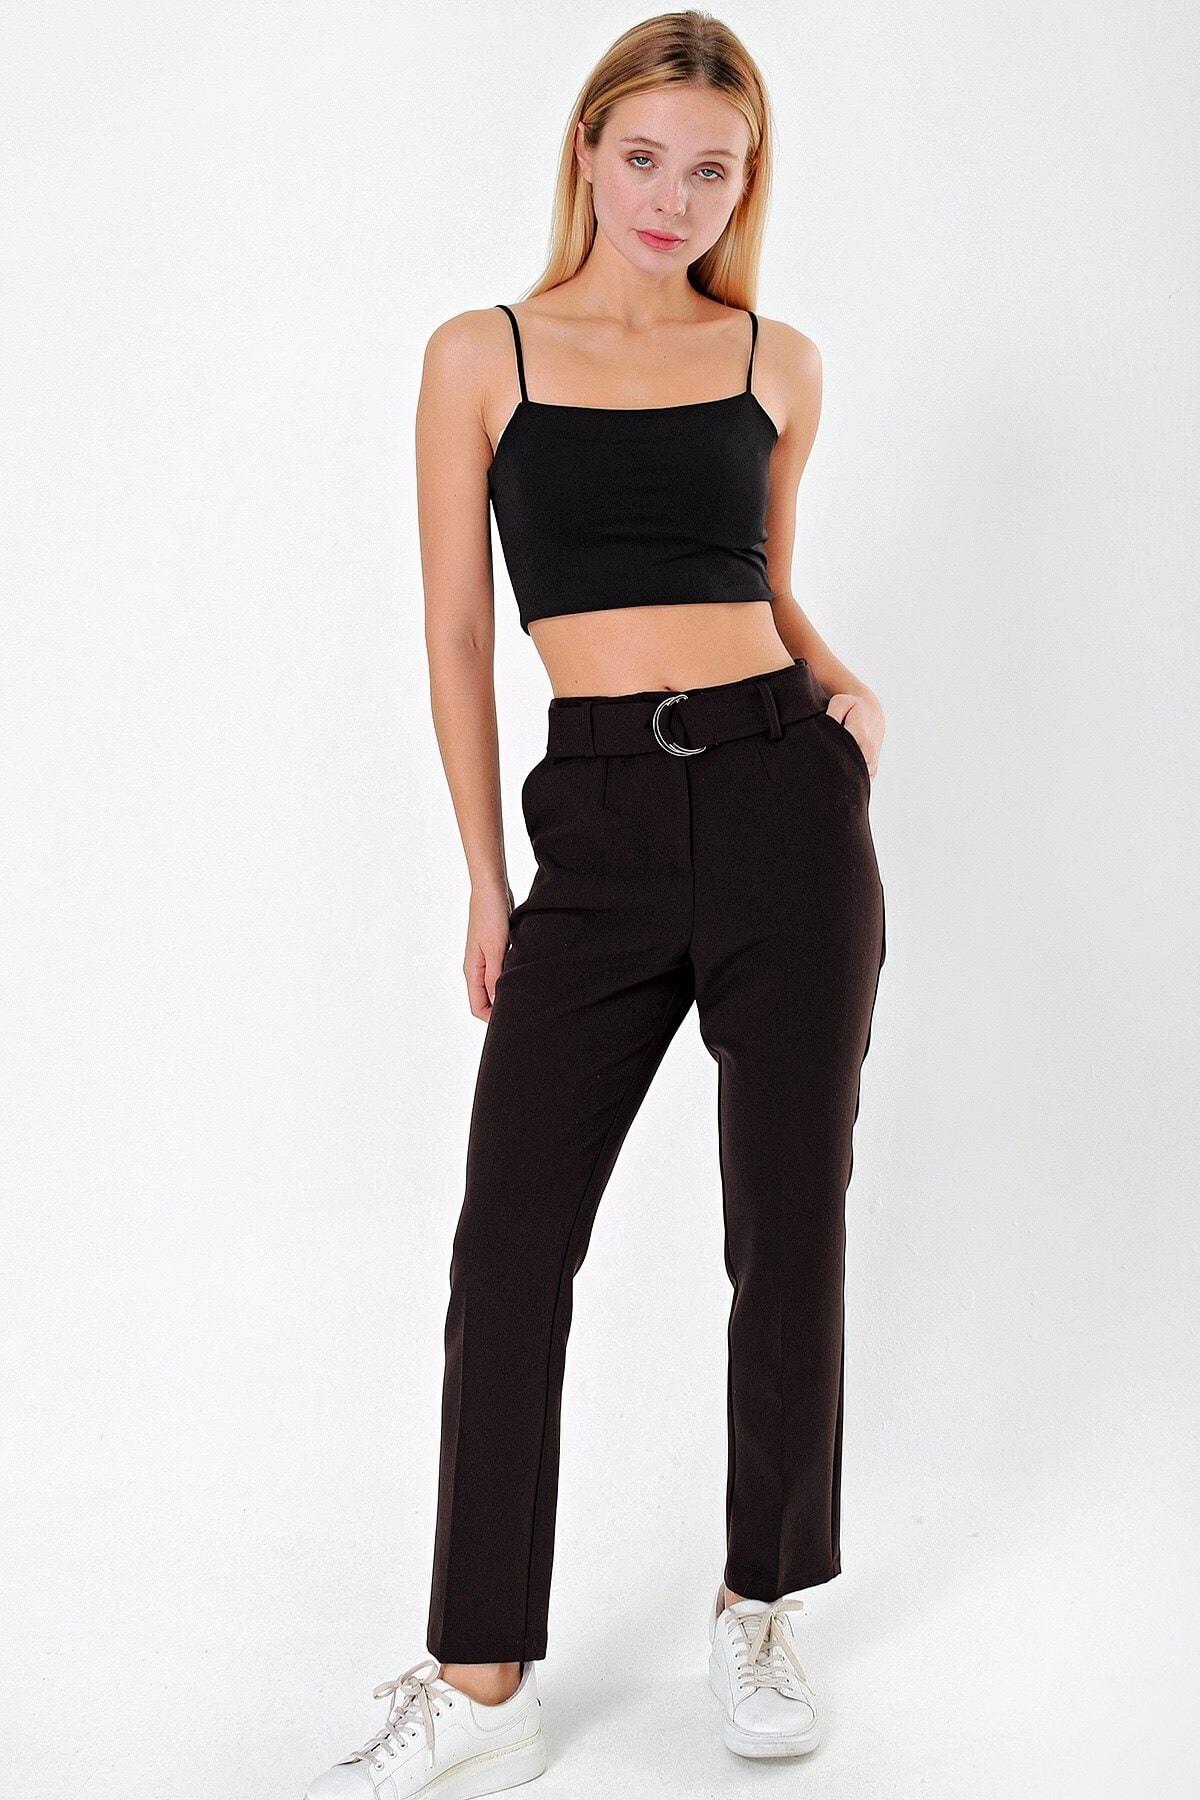 Jument Kadın Kahverengi Yüksek Bel Cepli Kemerli Boyfriend Ofis Kumaş Pantolon 1